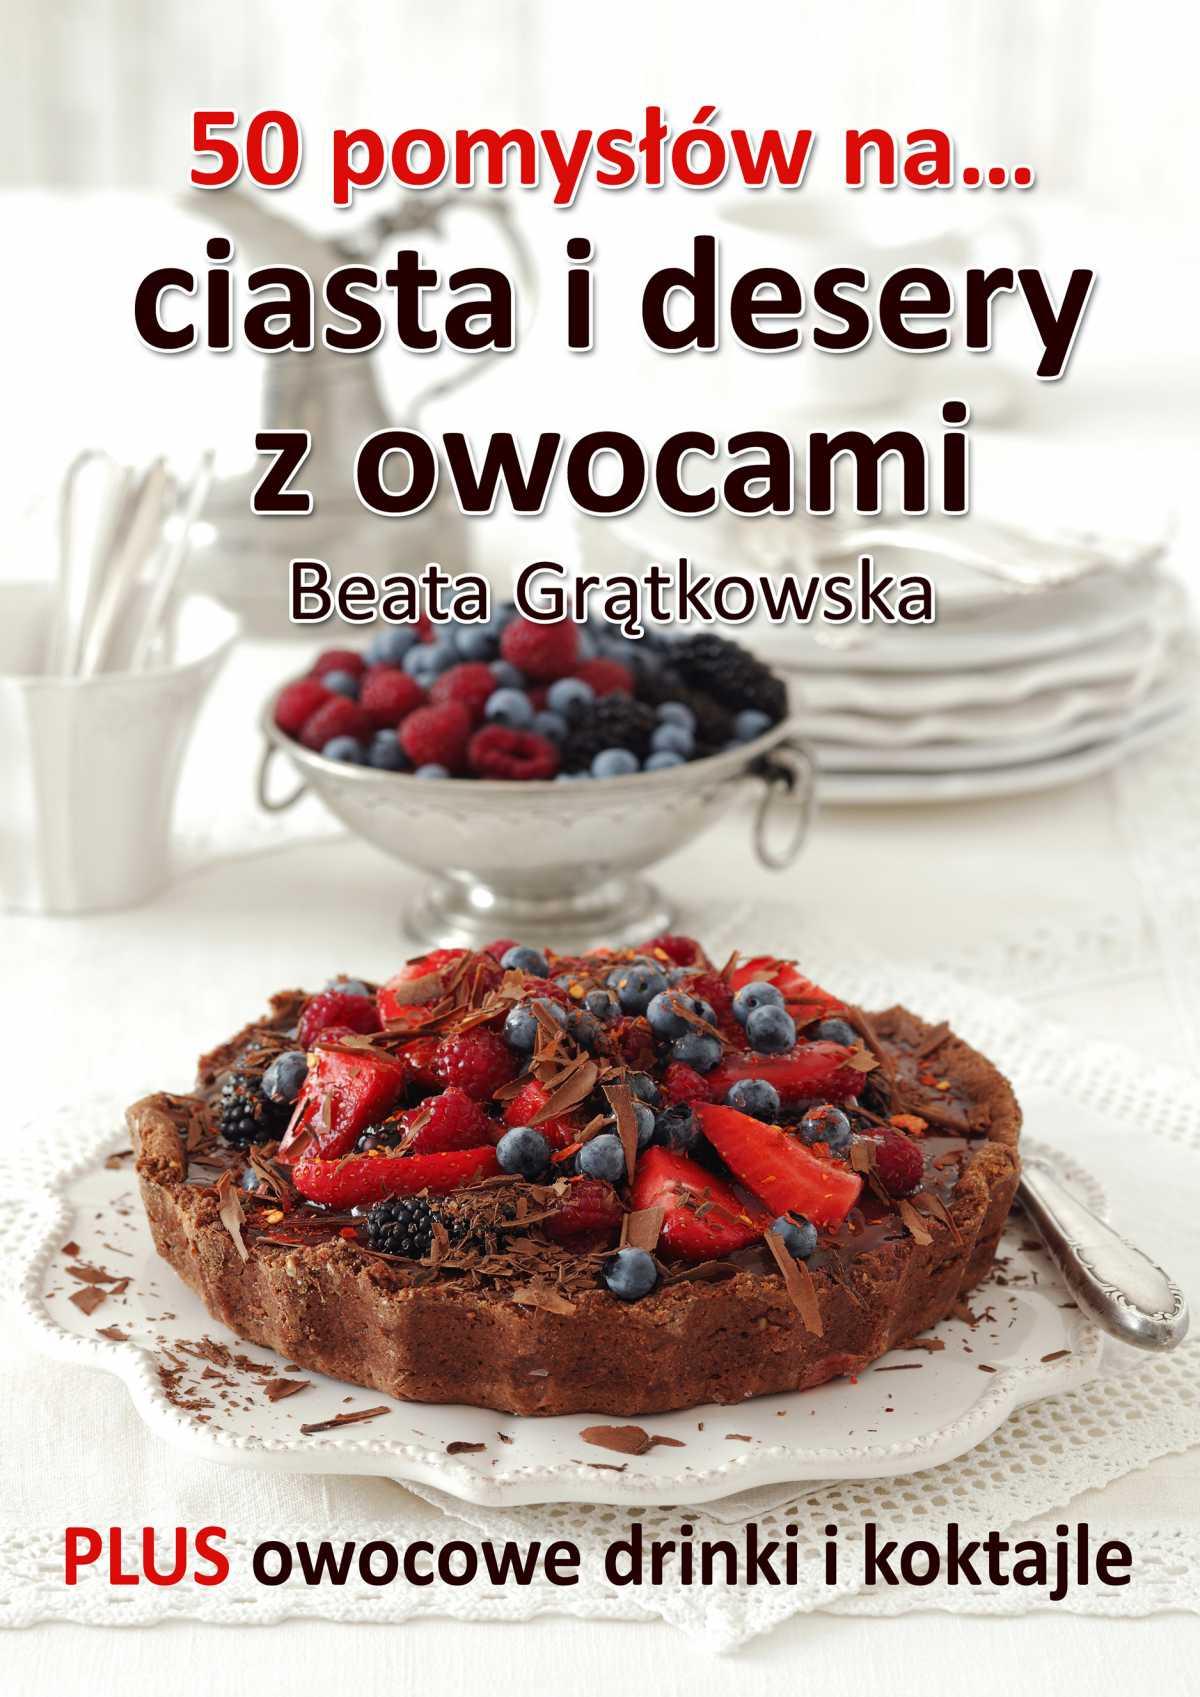 50 pomysłów na ciasta i desery z owocami - Ebook (Książka na Kindle) do pobrania w formacie MOBI